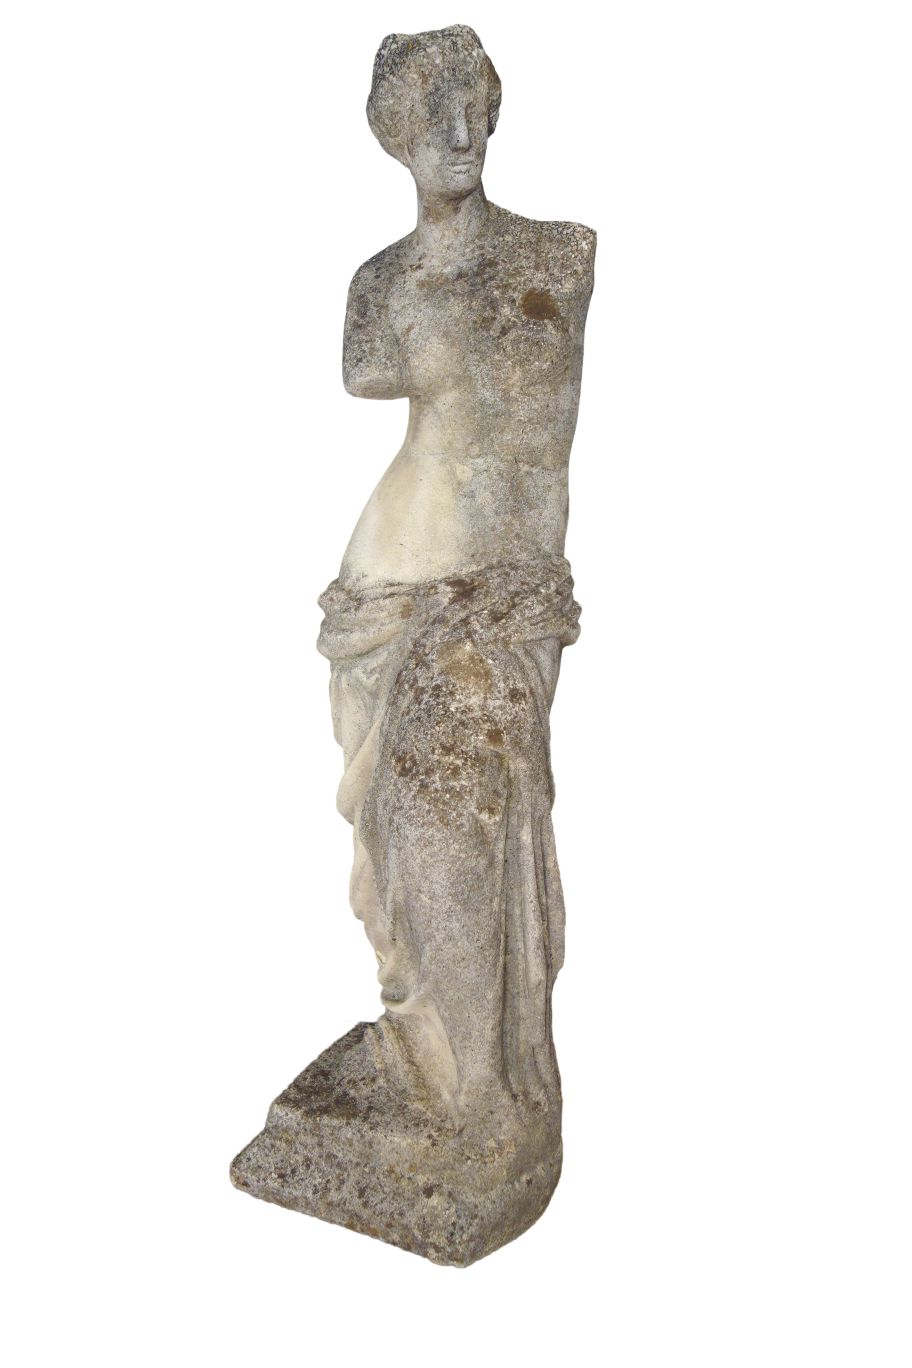 Antique Italian Classic Venus de Milo Sculpture from Lake Como